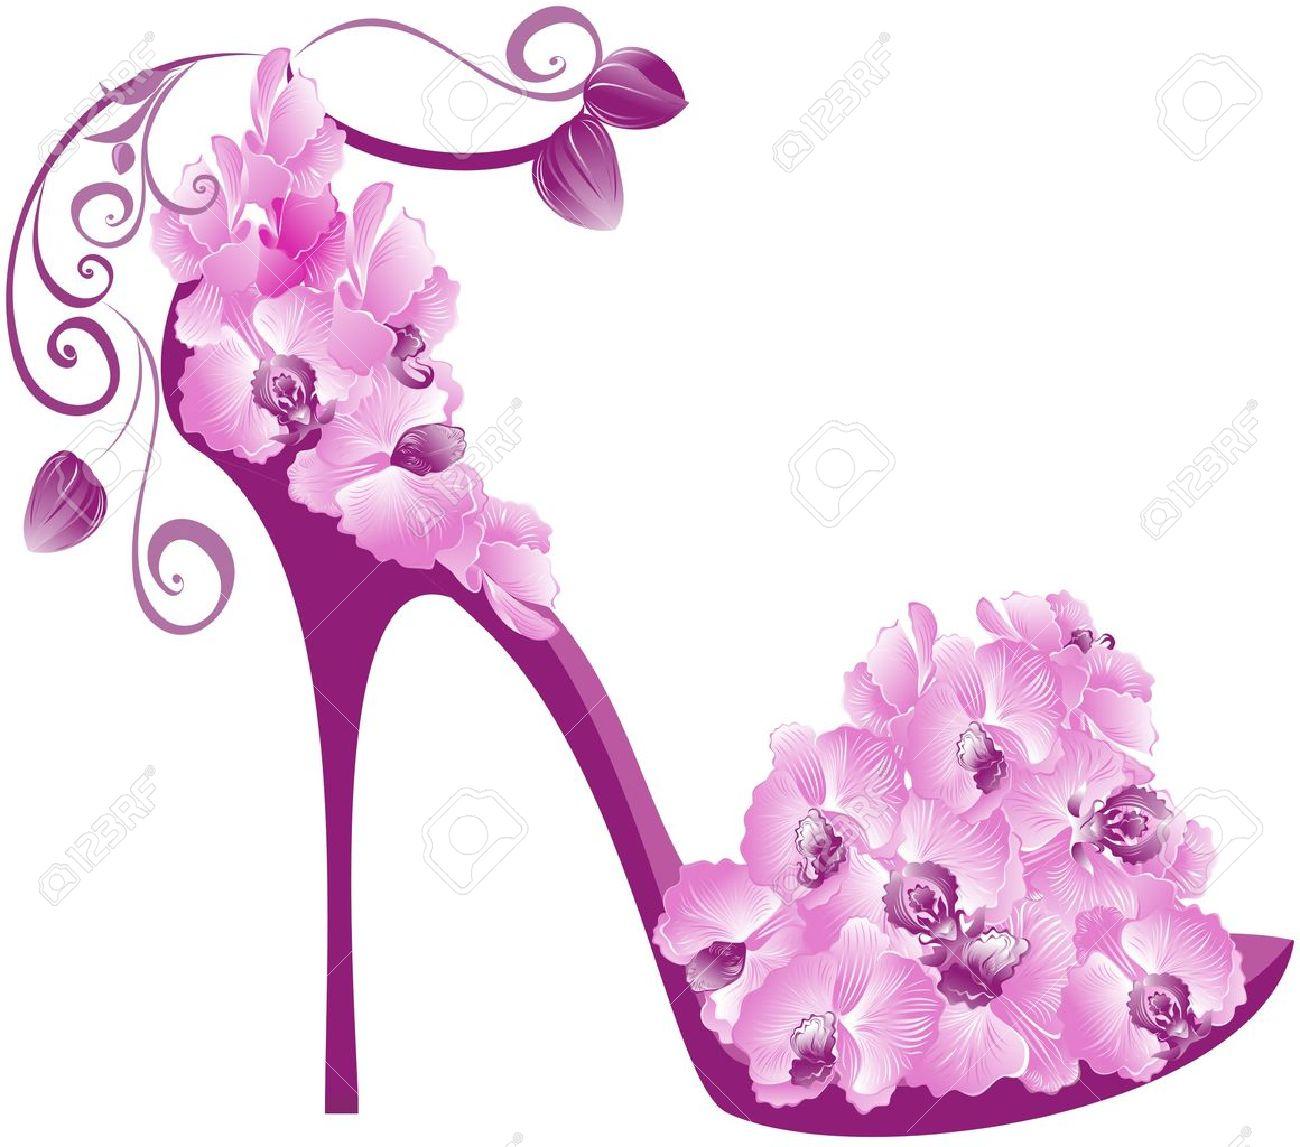 Shoe clipart high heel #14